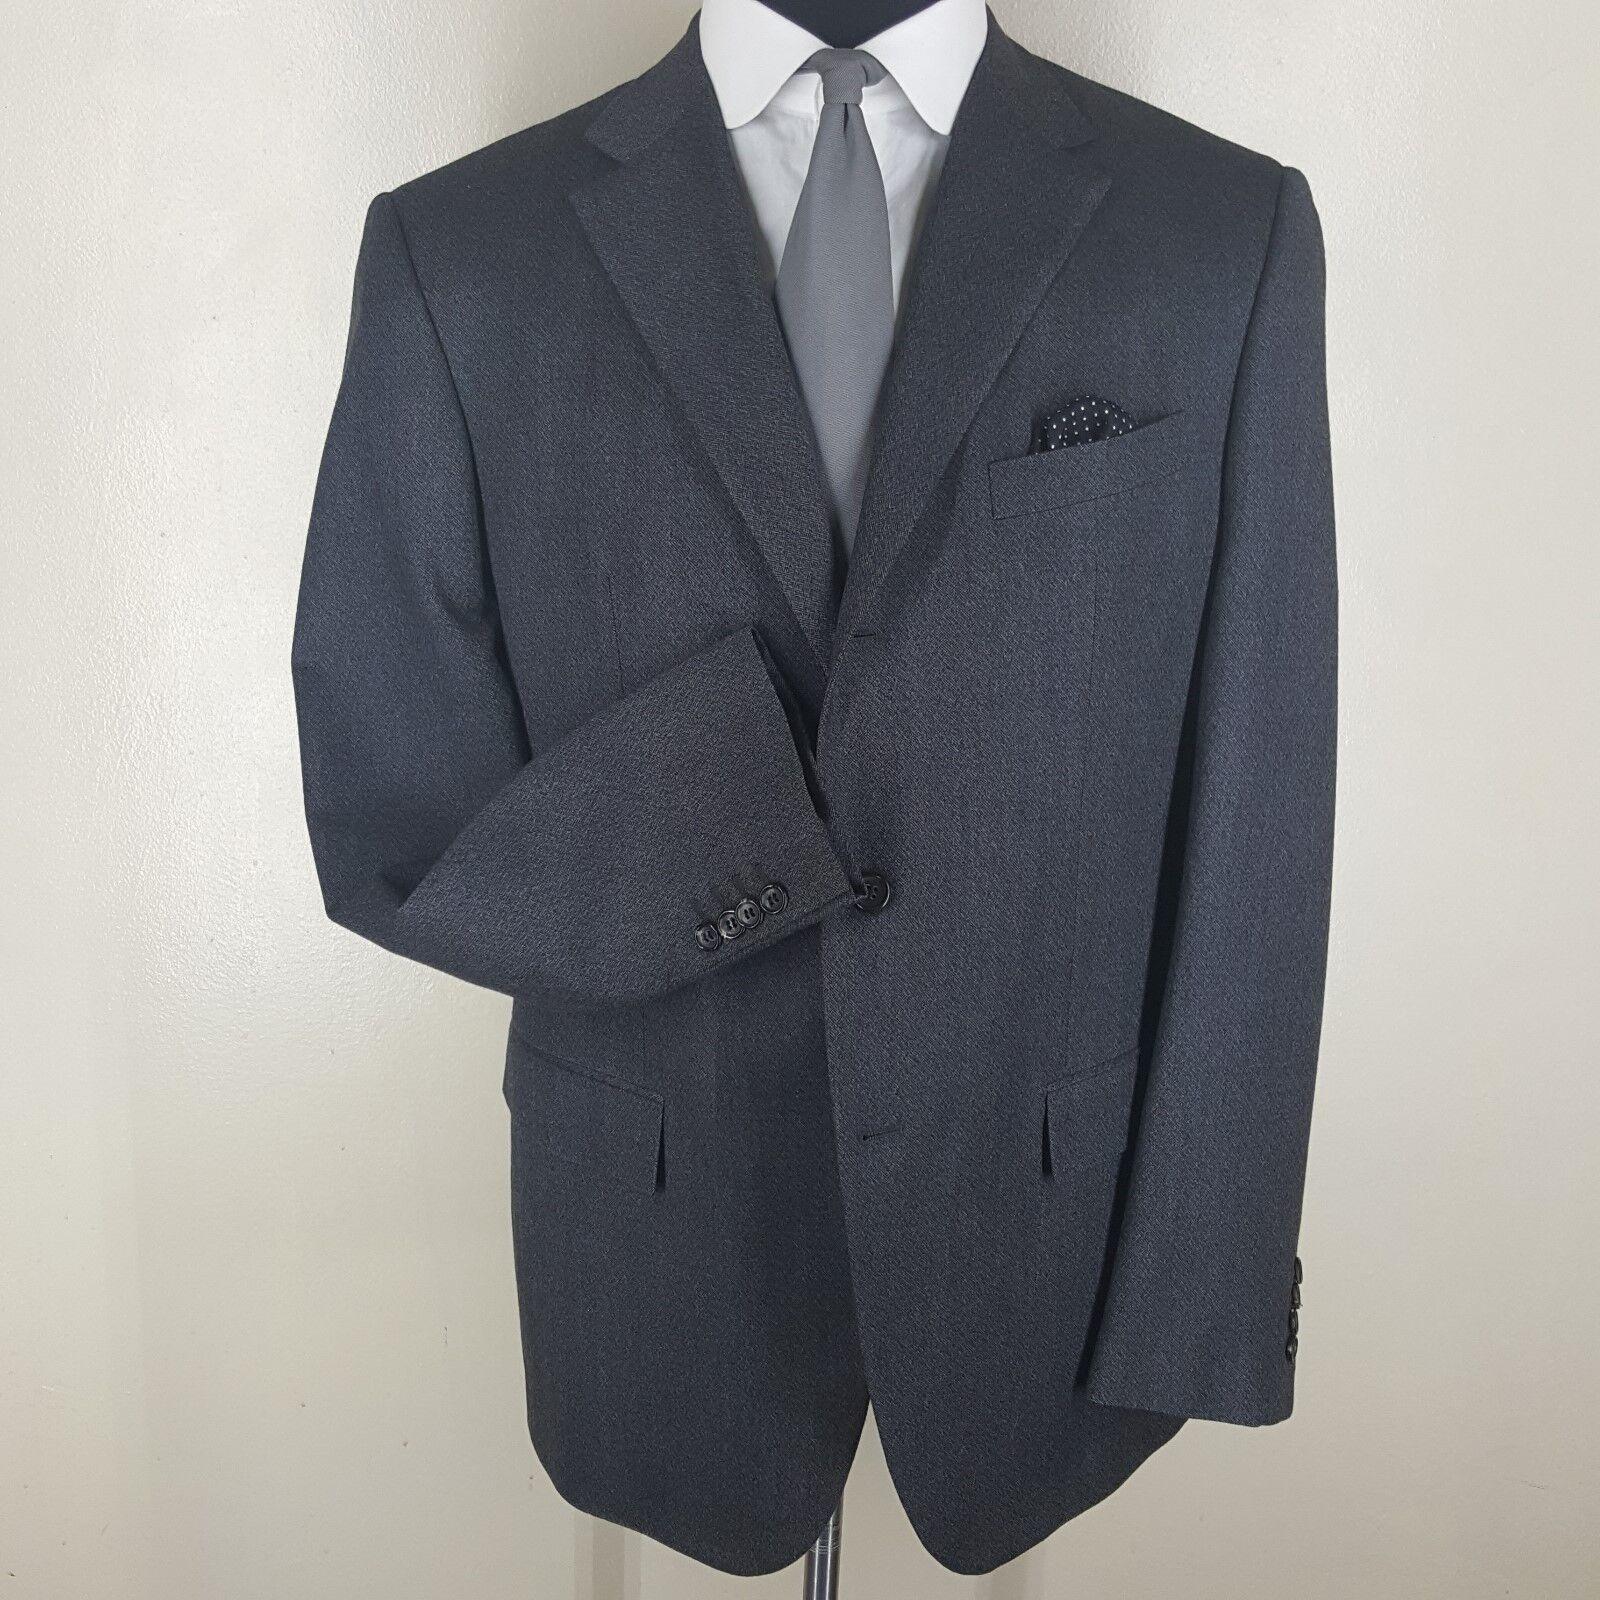 JIL SANDER 'Tailor Made Line' Suit 3 Btn  Center Vent 100% Wolle  U.S. Größe 44 L